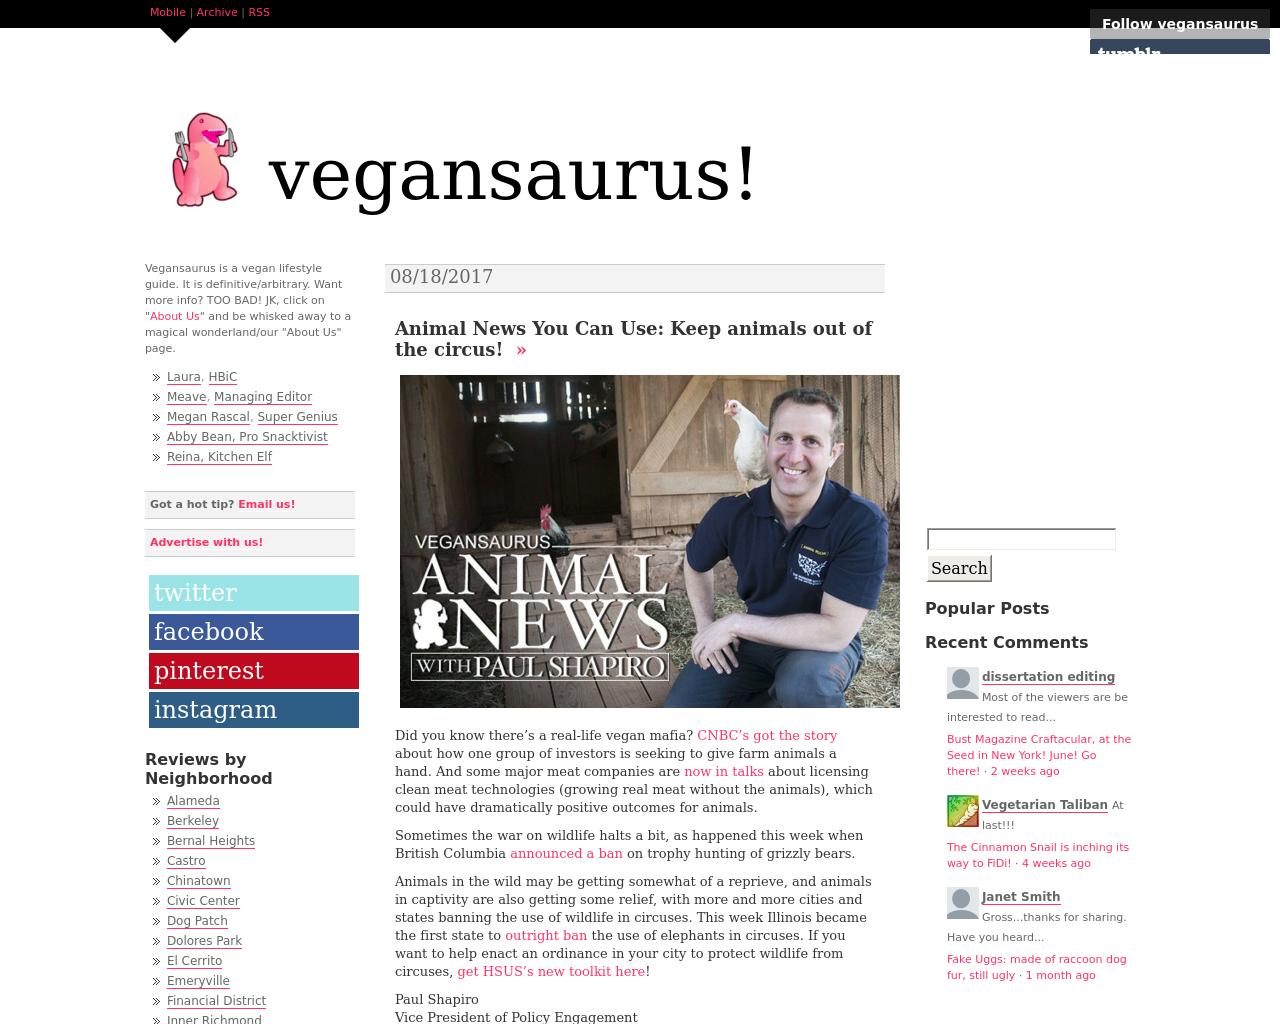 Vegansaurus-Advertising-Reviews-Pricing